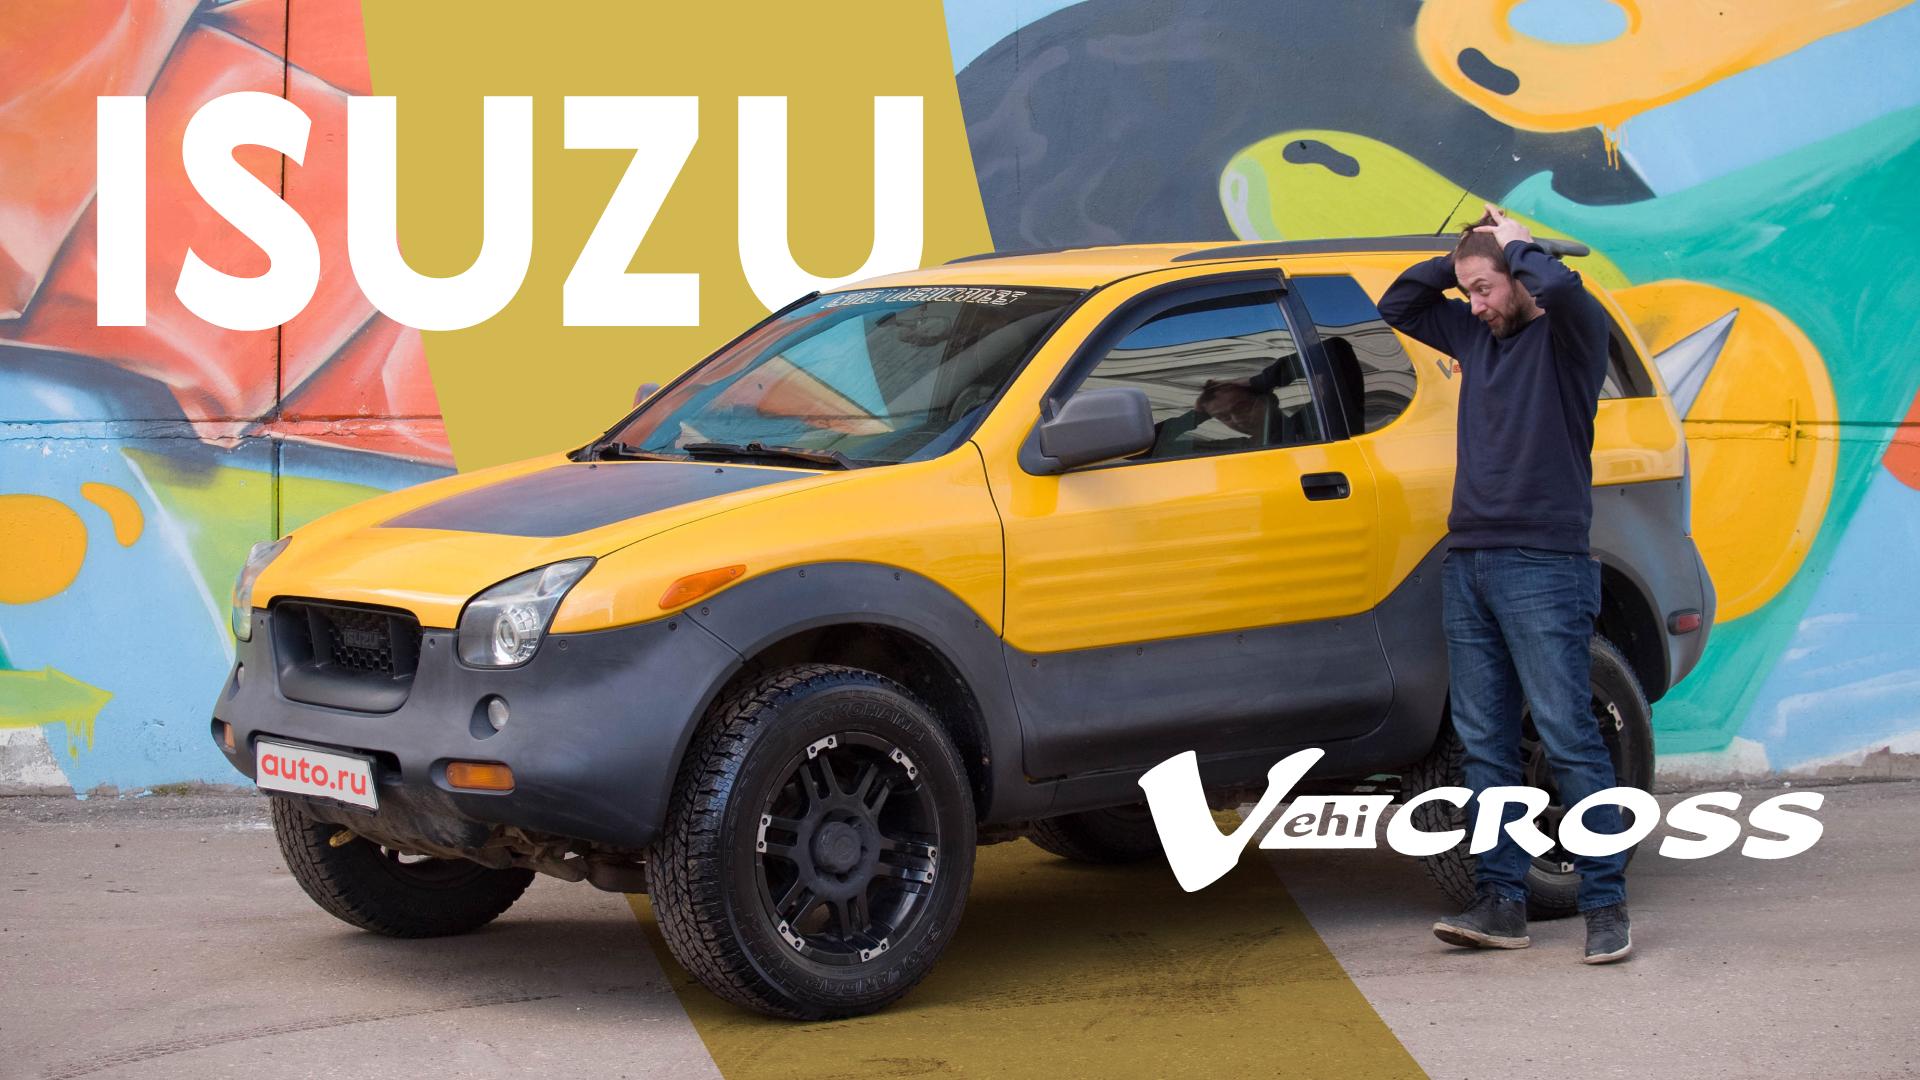 Тест-драйв Isuzu VehiCross: игрушка или настоящий боец?